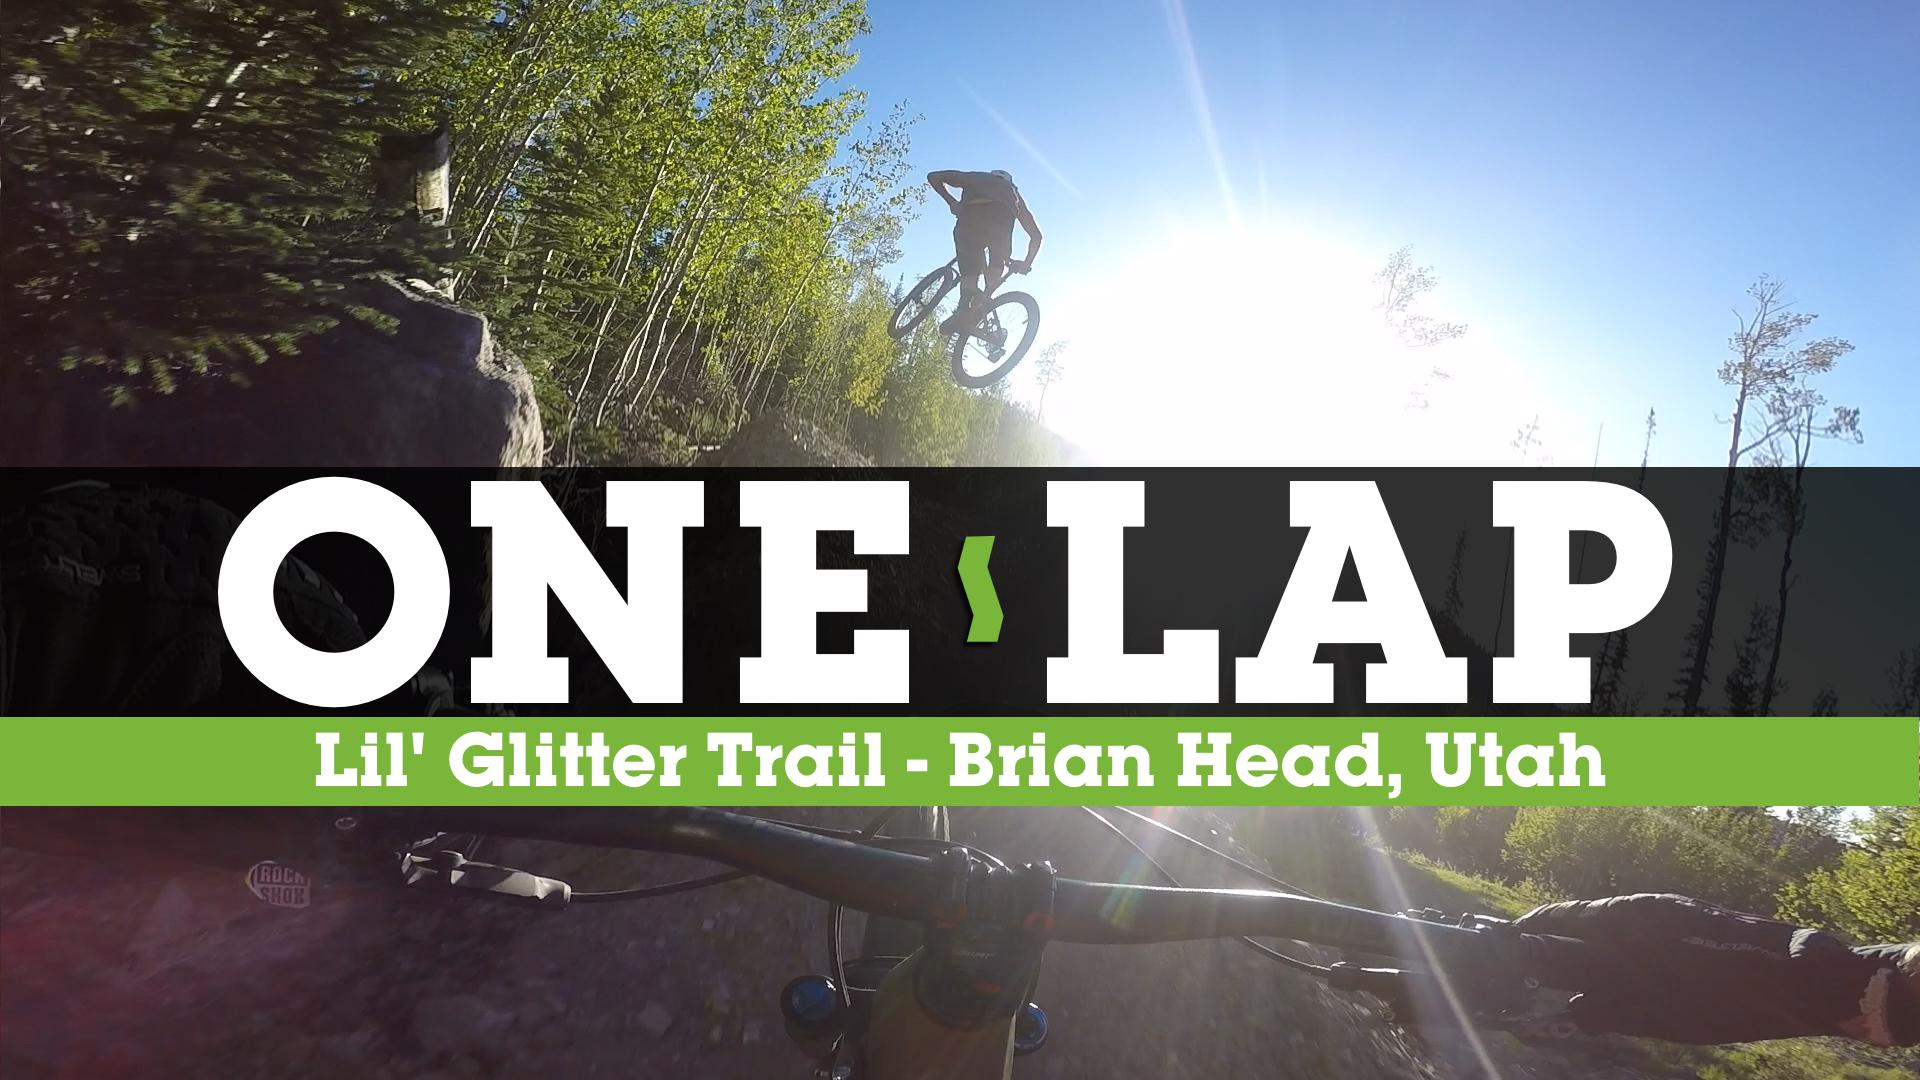 Fast, Flowy, Rocky MTB Trail POV - Brian Head Bike Park's Lil' Glitter